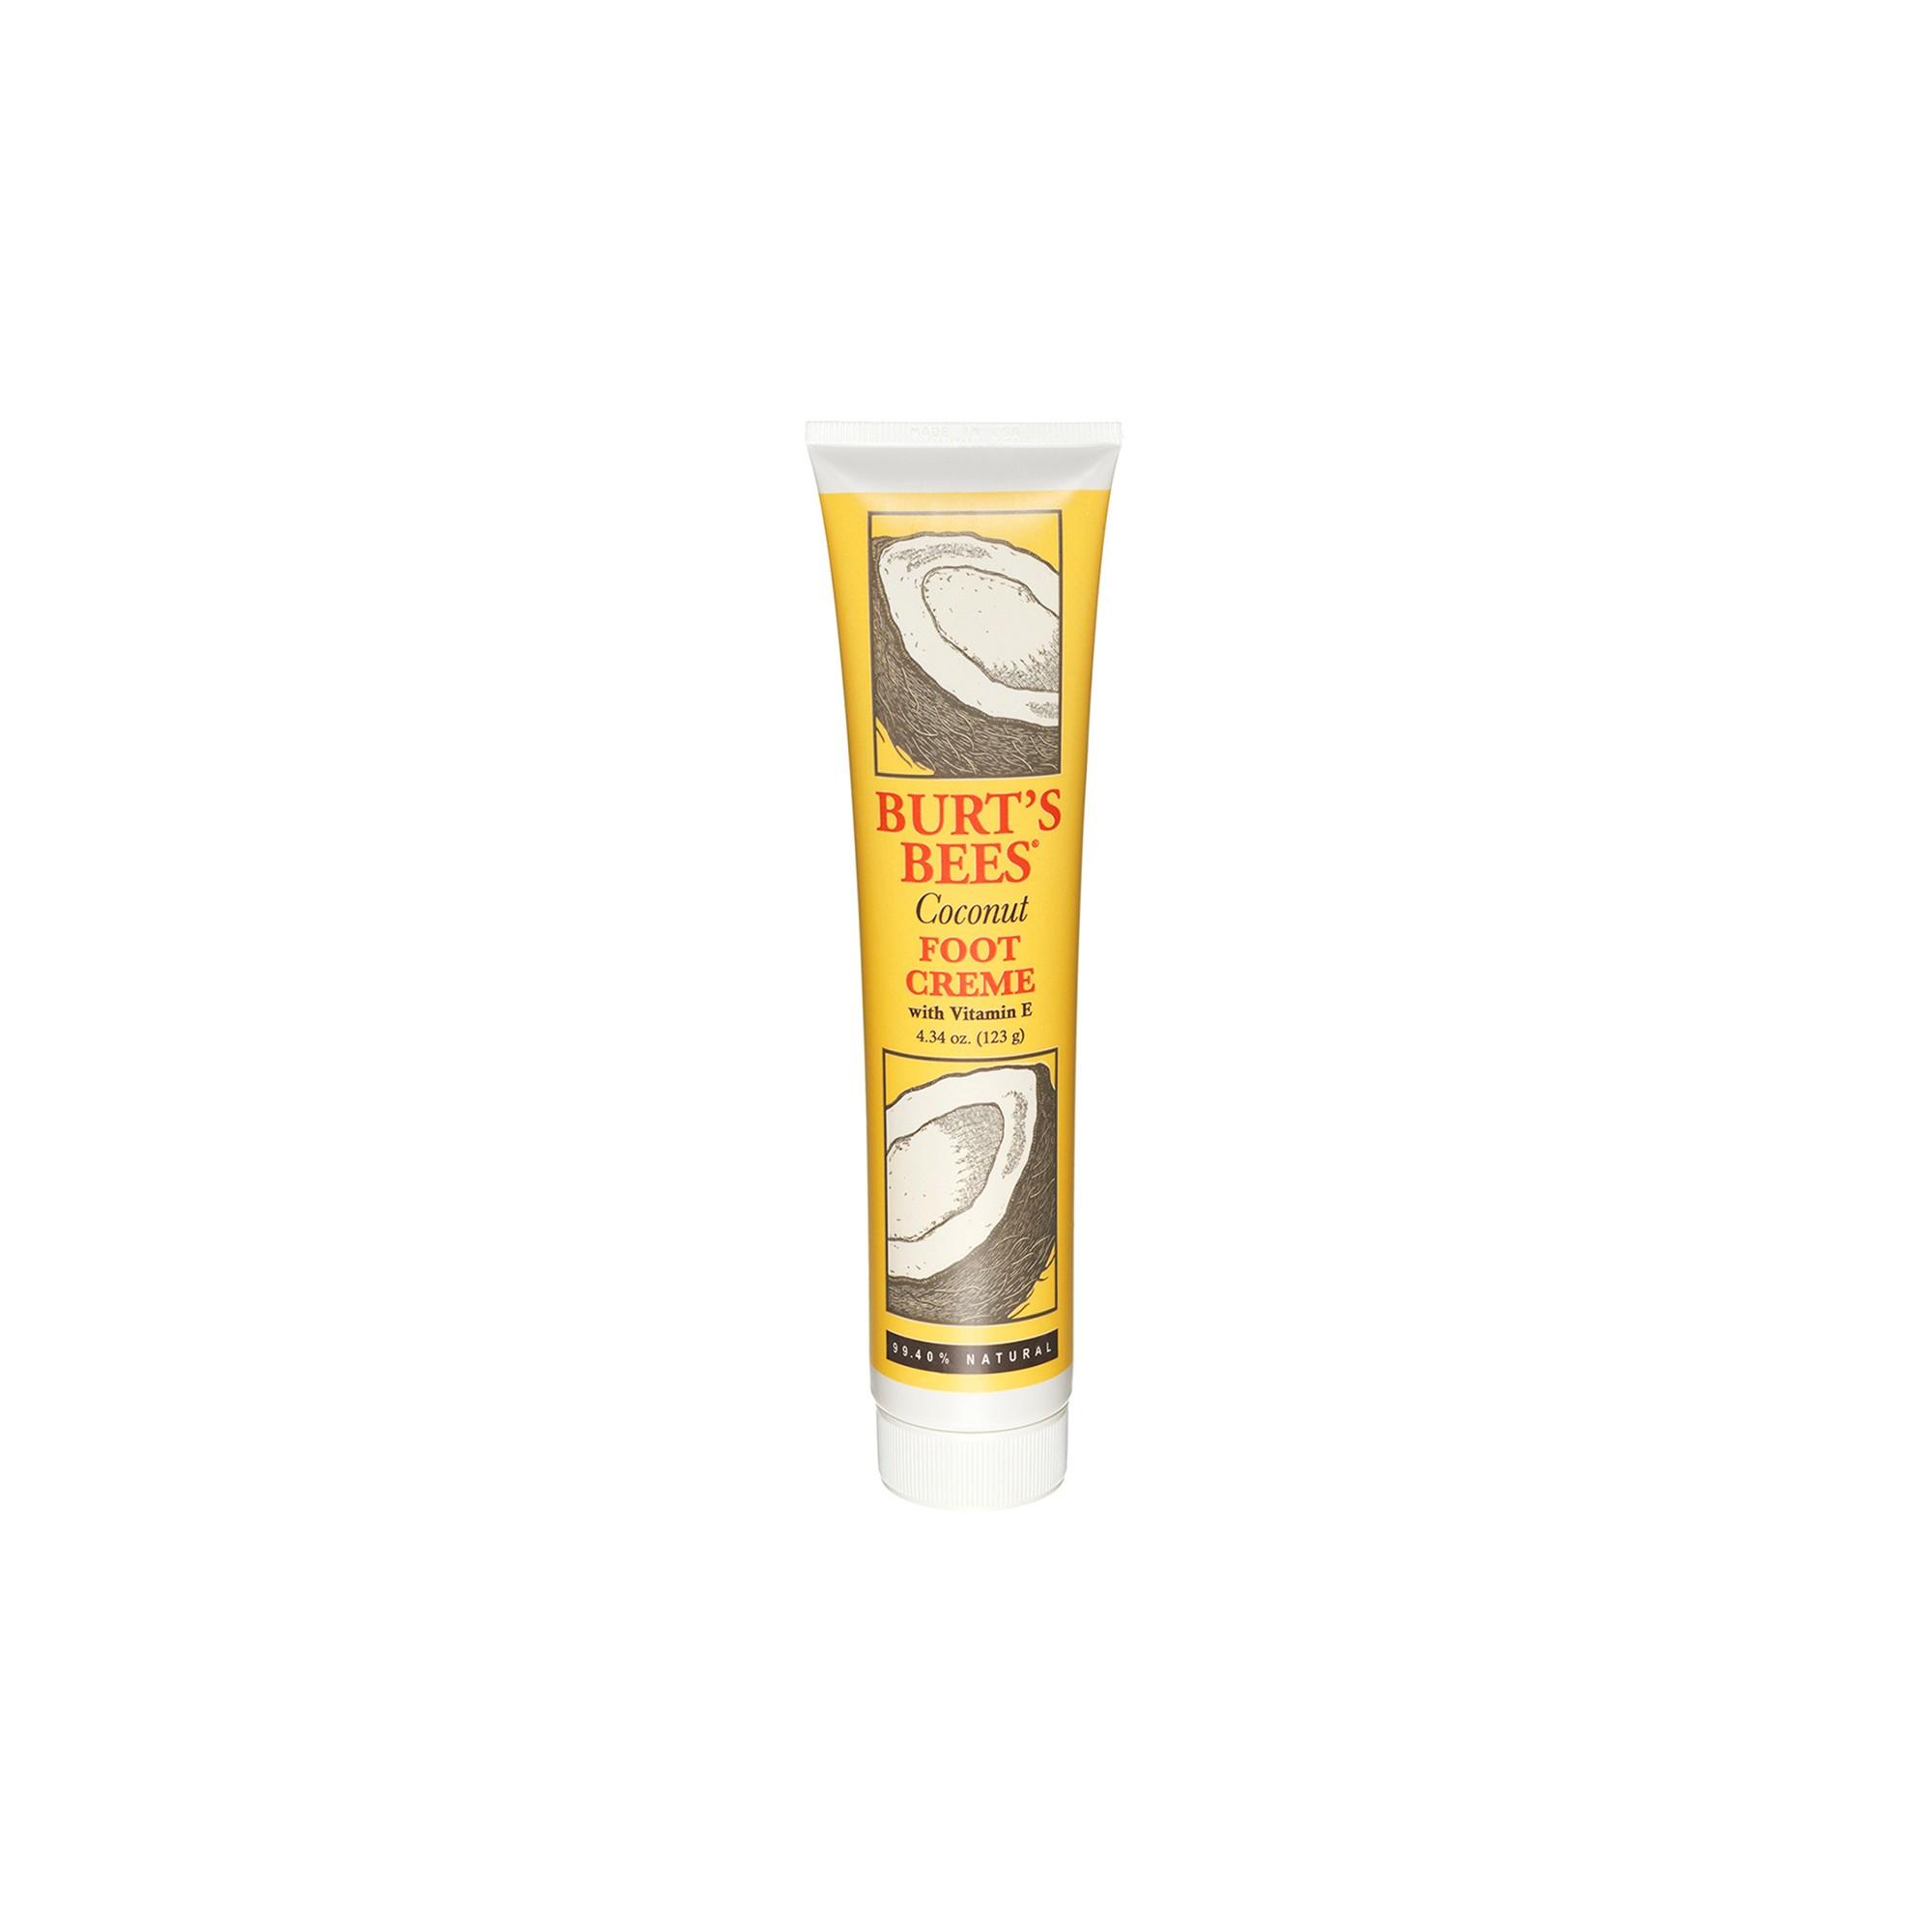 Burt's Bees Foot Cream - Coconut - 4.34 oz